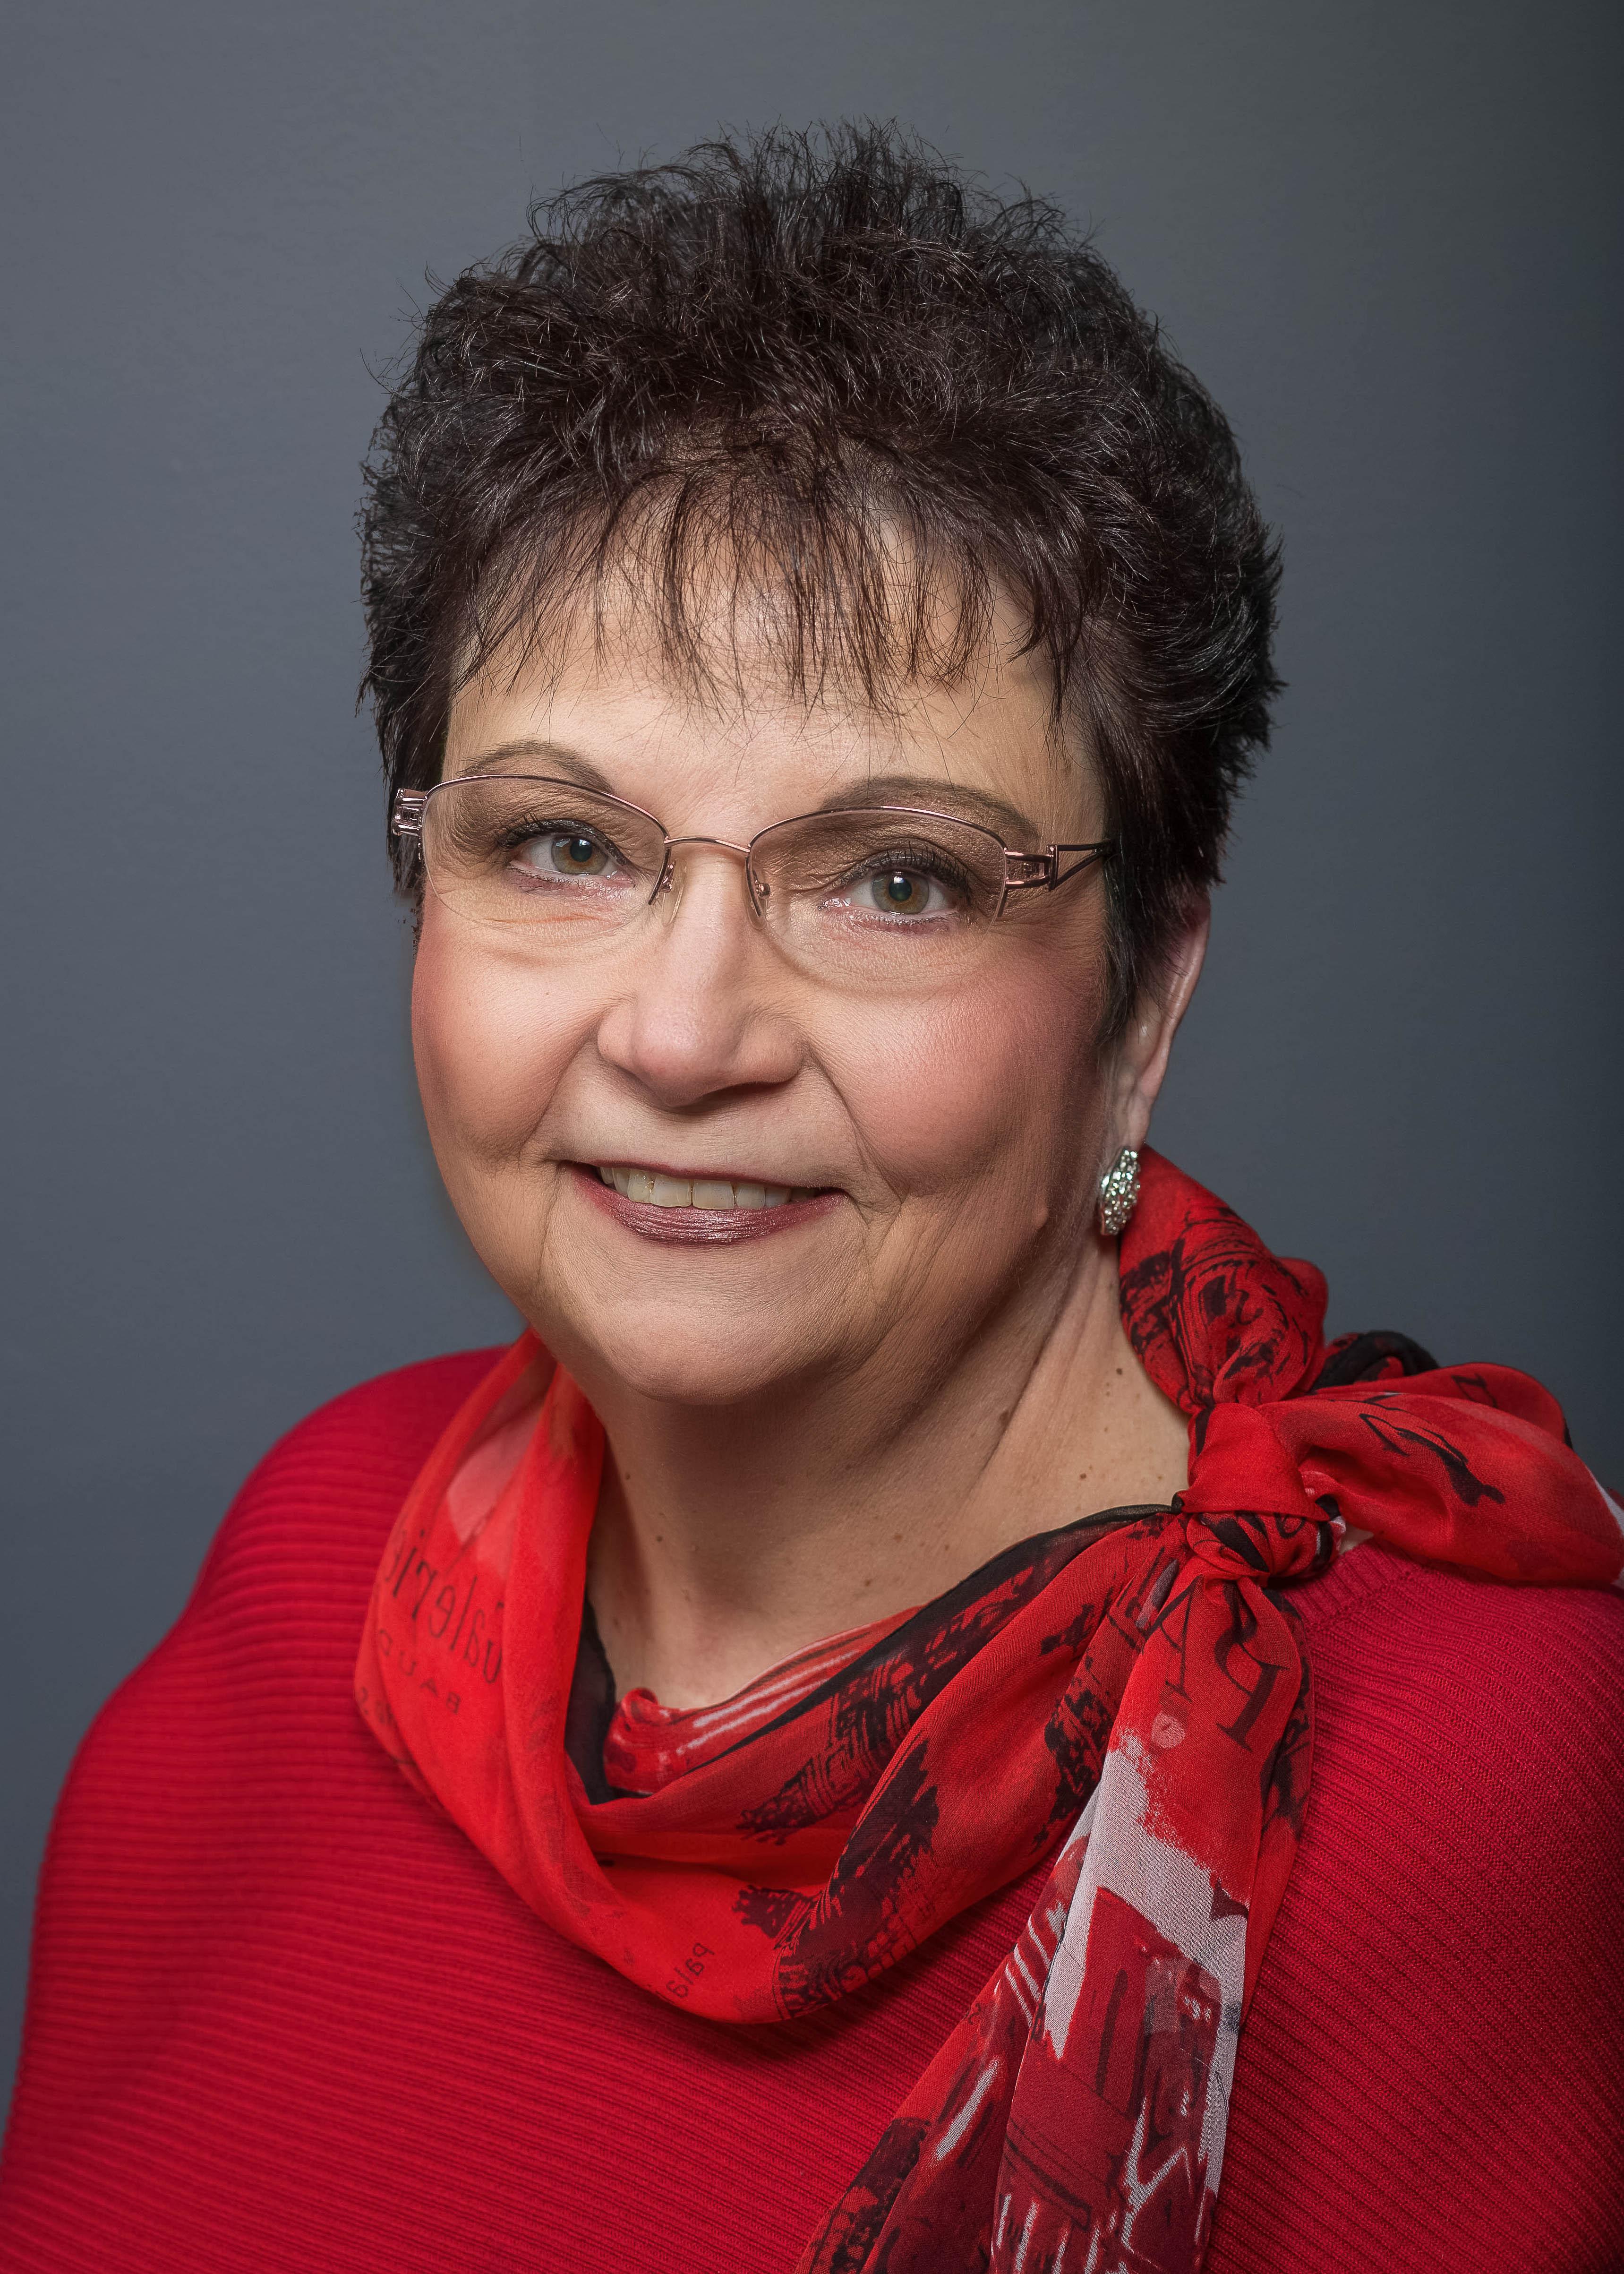 Pam Chudzik